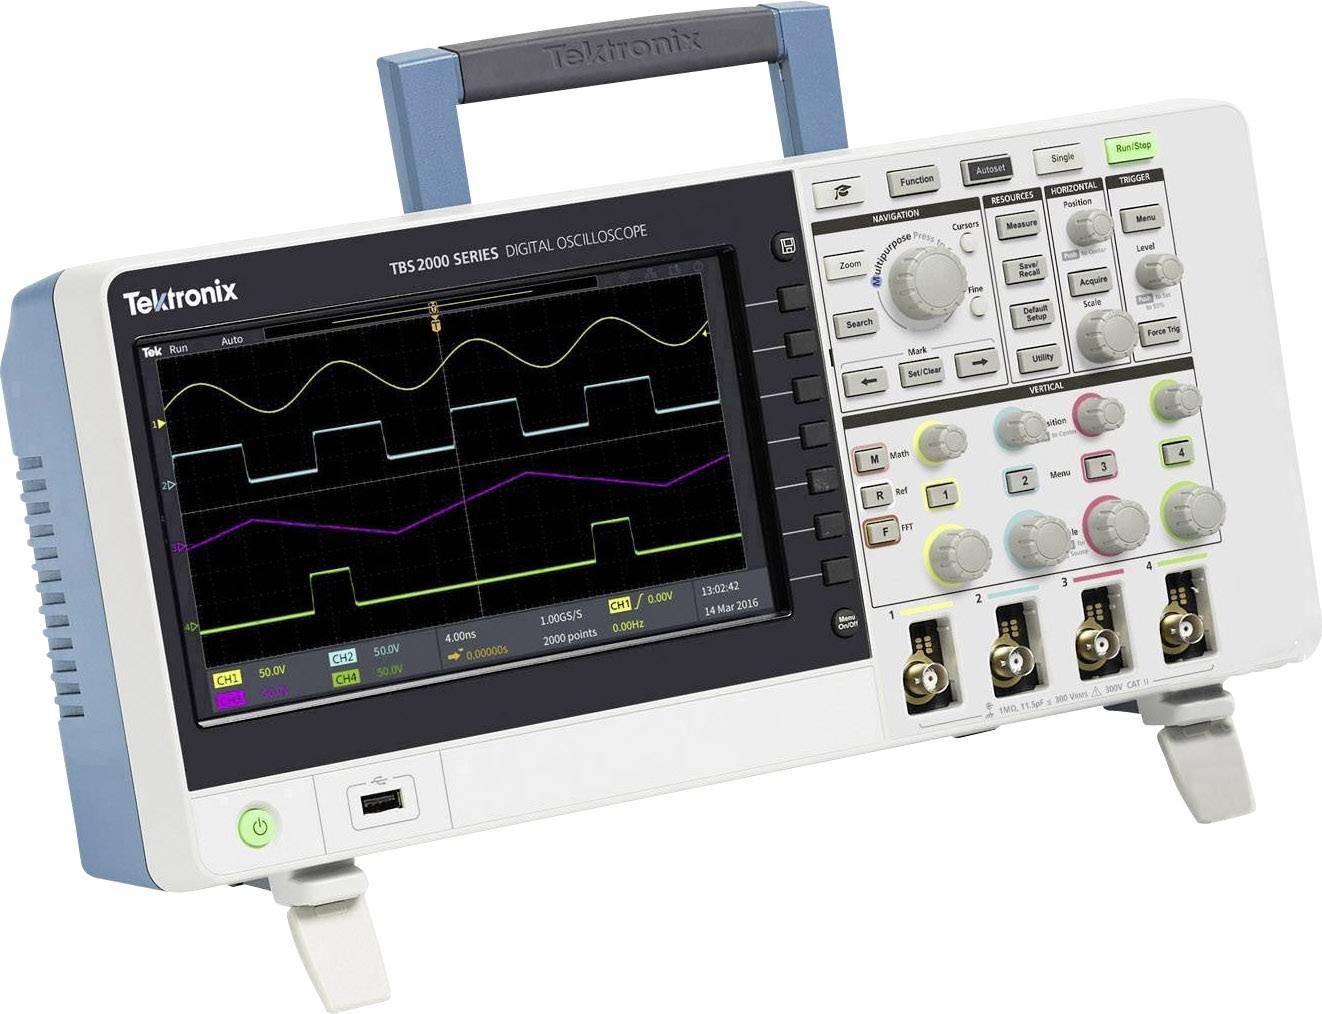 Digitální osciloskop Tektronix TBS2104, 100 MHz, Kalibrováno dle ISO, s pamětí (DSO)